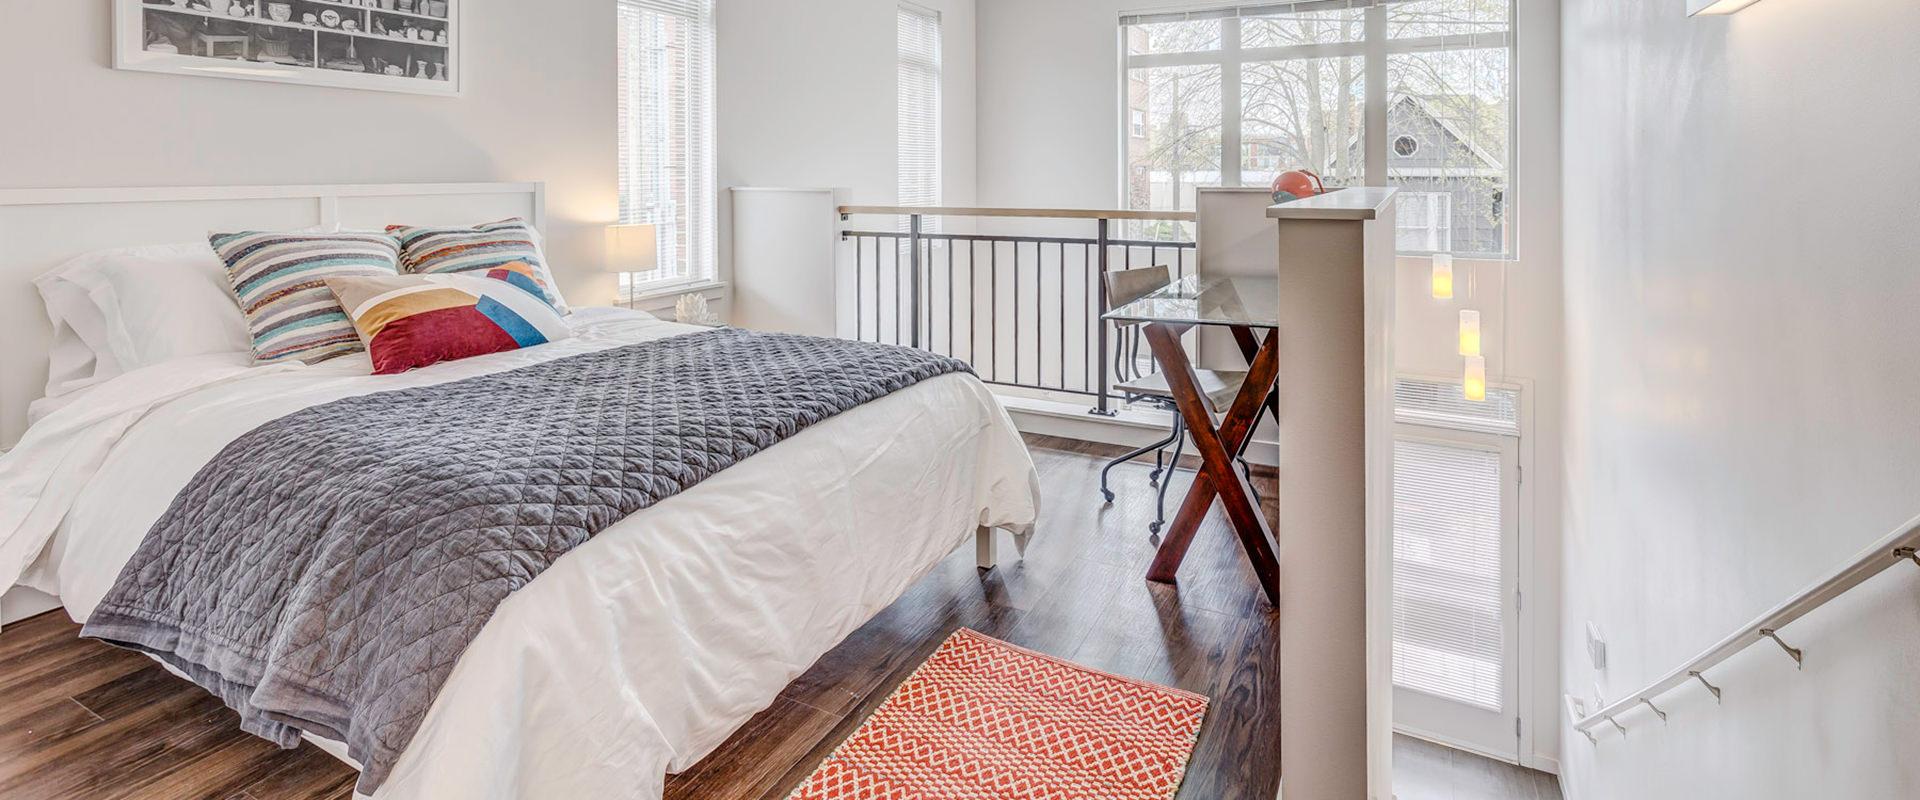 Latitude Queen Anne loft bedroom